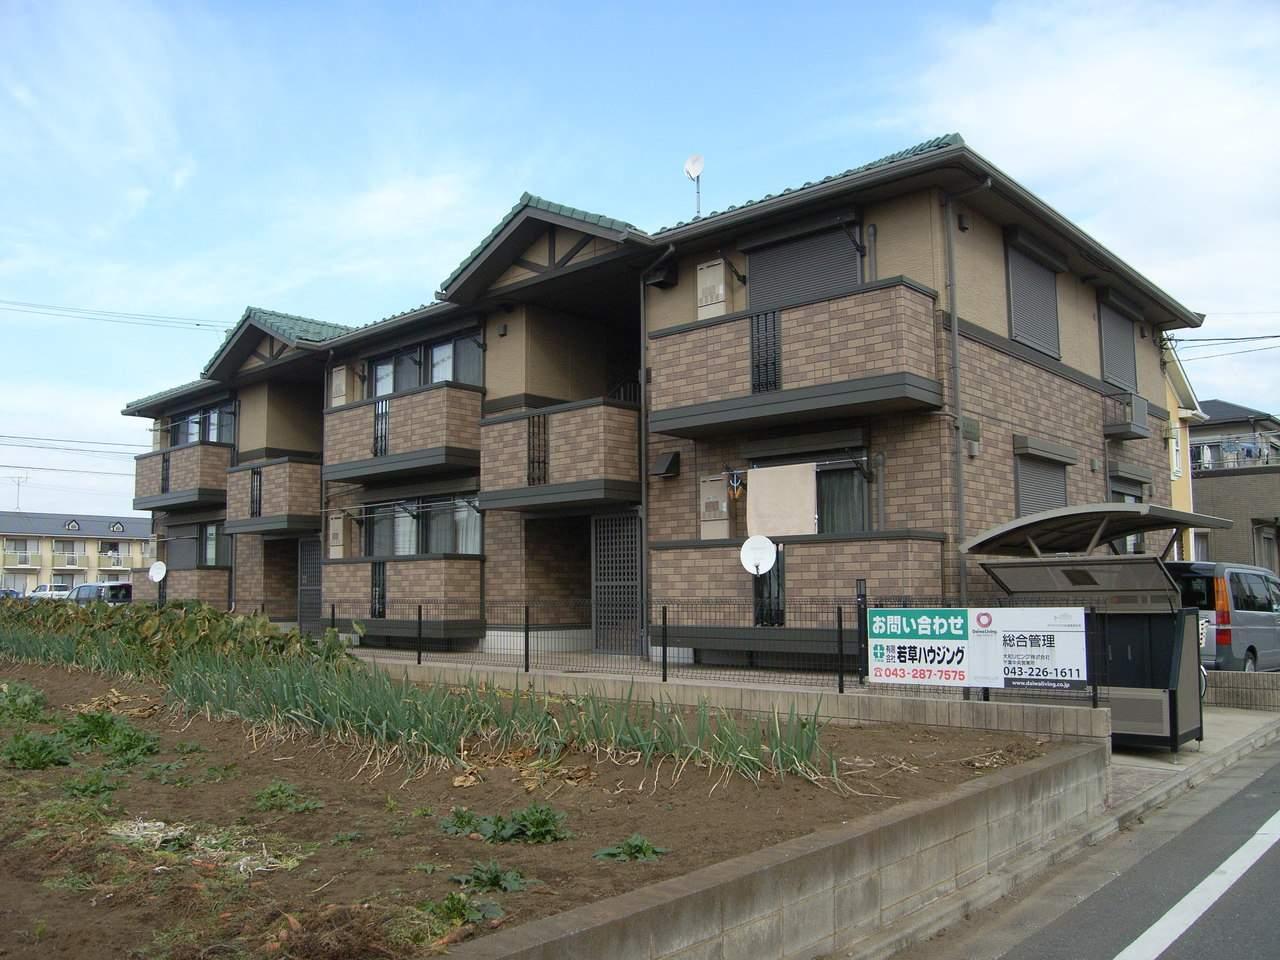 千葉県千葉市稲毛区、新検見川駅徒歩17分の築13年 2階建の賃貸アパート